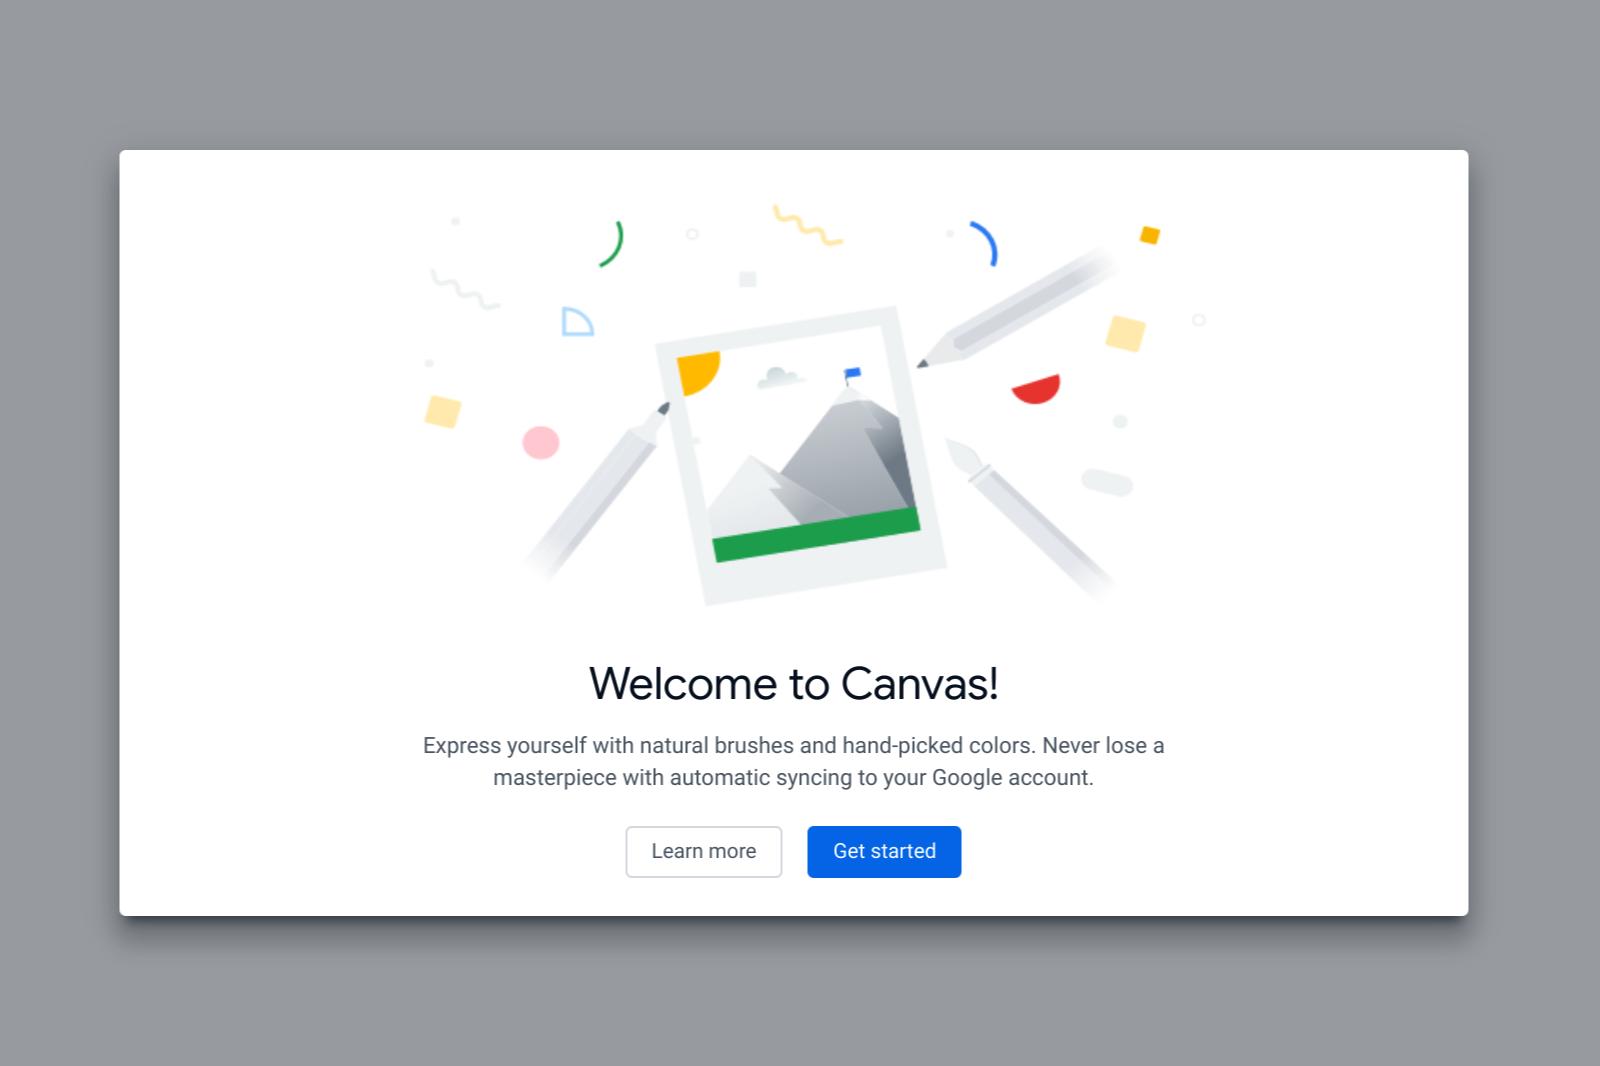 Una web app original, minimalista y divertida — Google Canvas